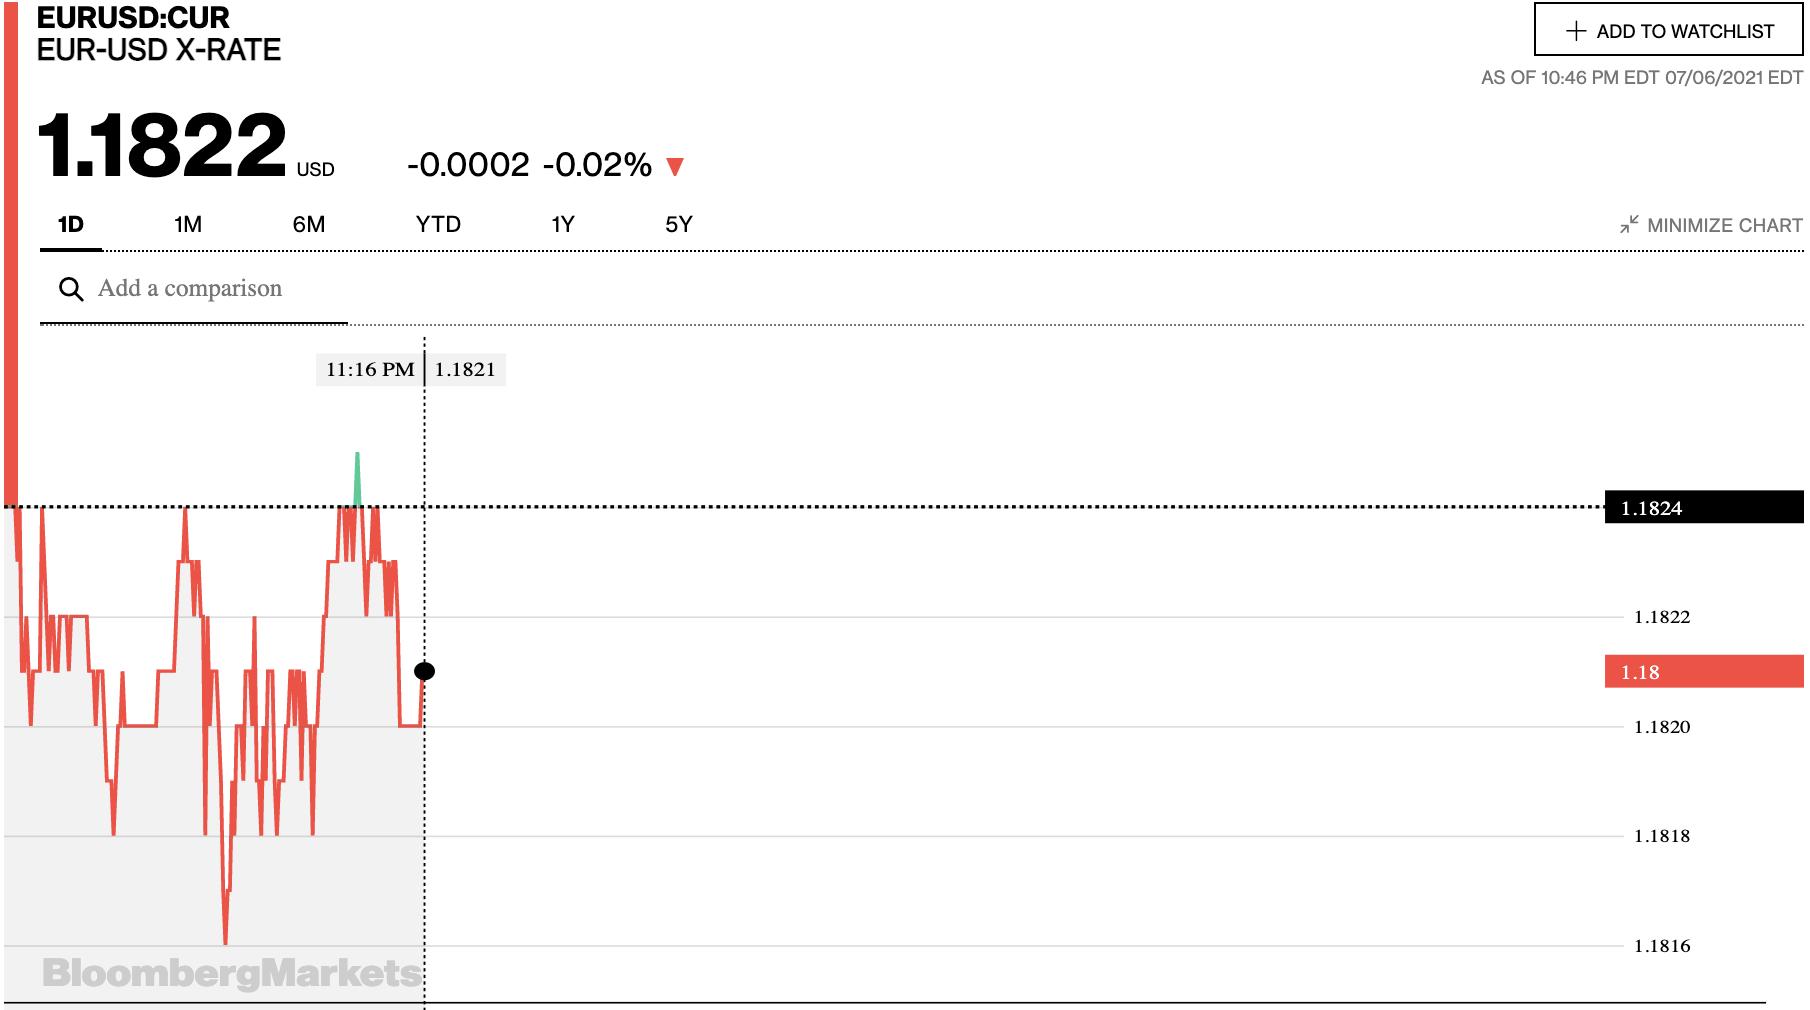 Tỷ giá euro hôm nay 7/7: Giảm đồng loạt tại các ngân hàng và thị trường chợ đen - Ảnh 2.